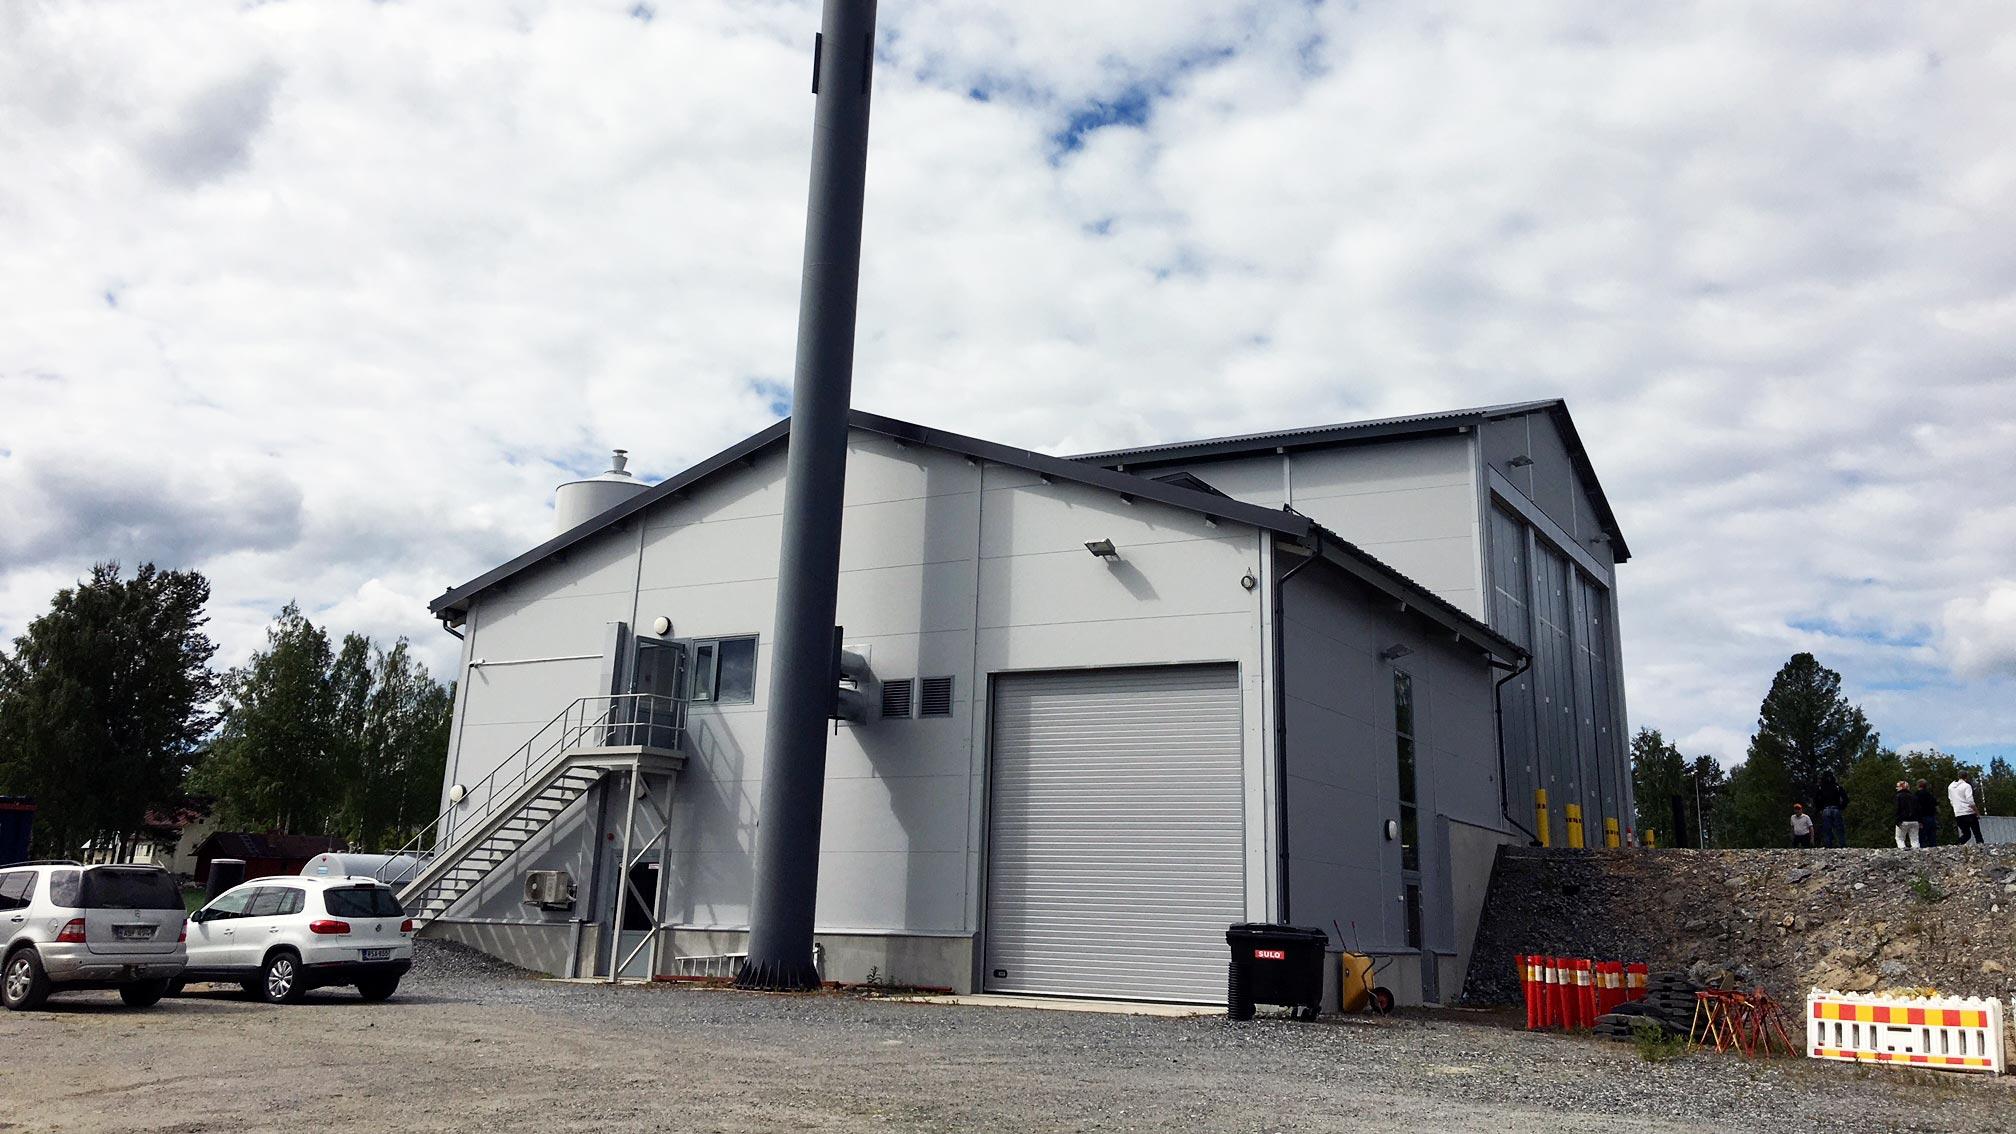 Lämpöyhtiön ulkoistettu etähallinta varmistaa palvelun ja lämmön asiakkaille Hankasalmella